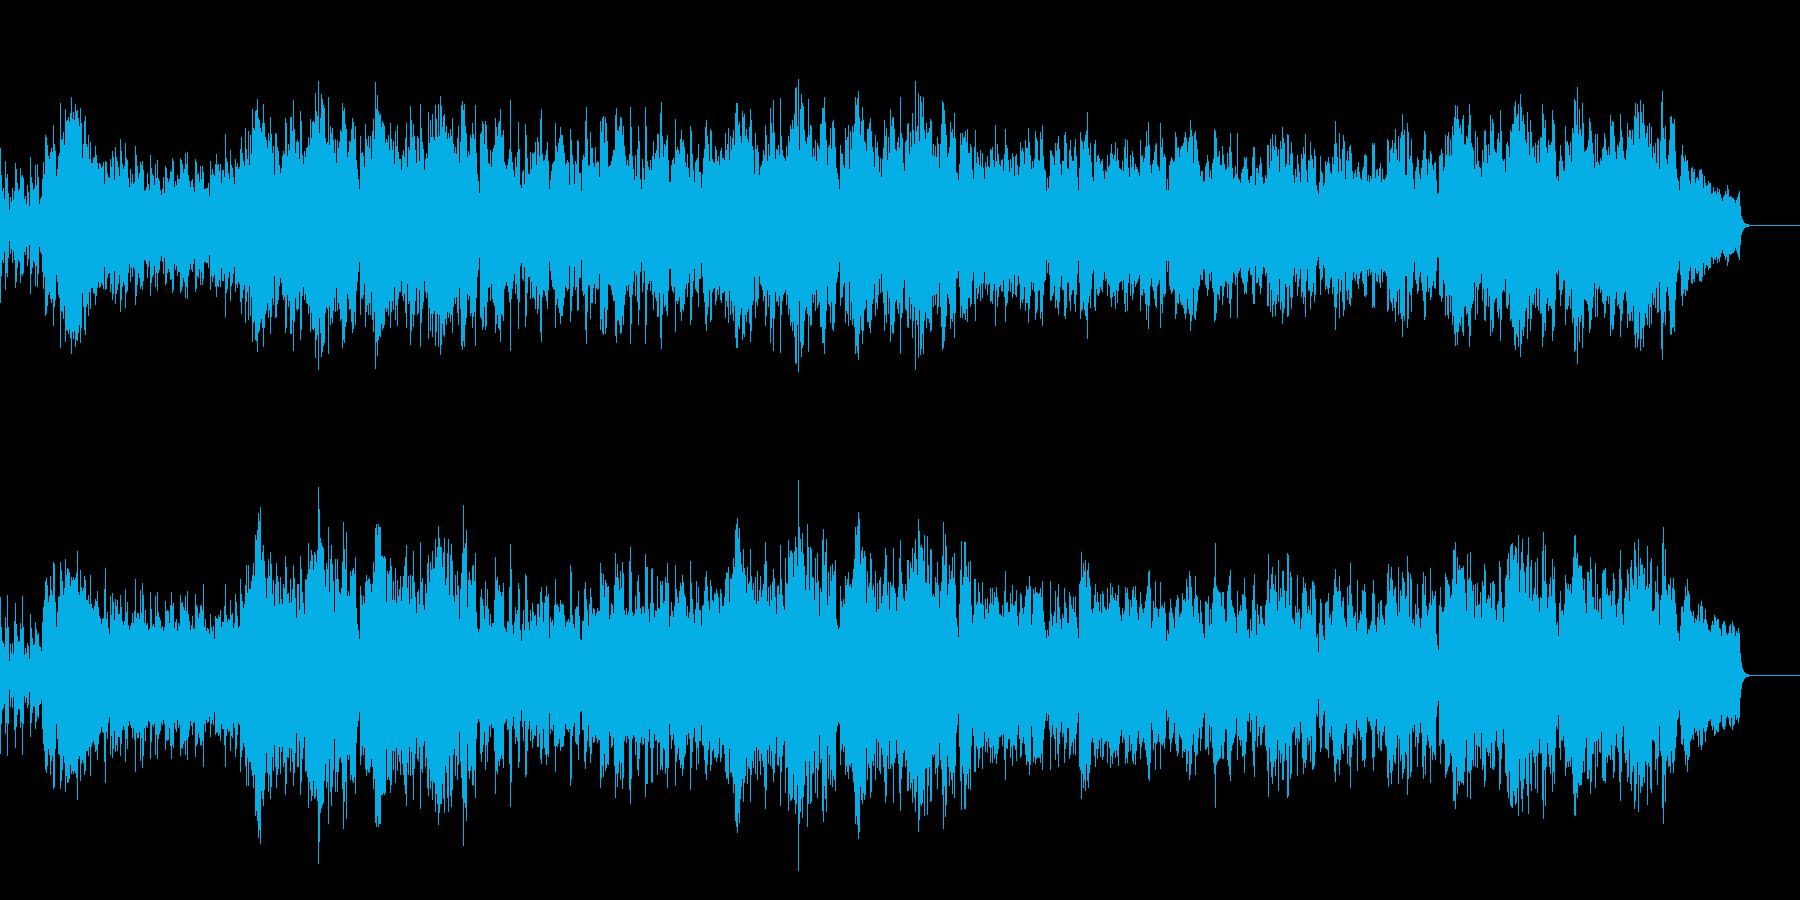 爽やかで楽しいケルト・アイリッシュ音楽の再生済みの波形